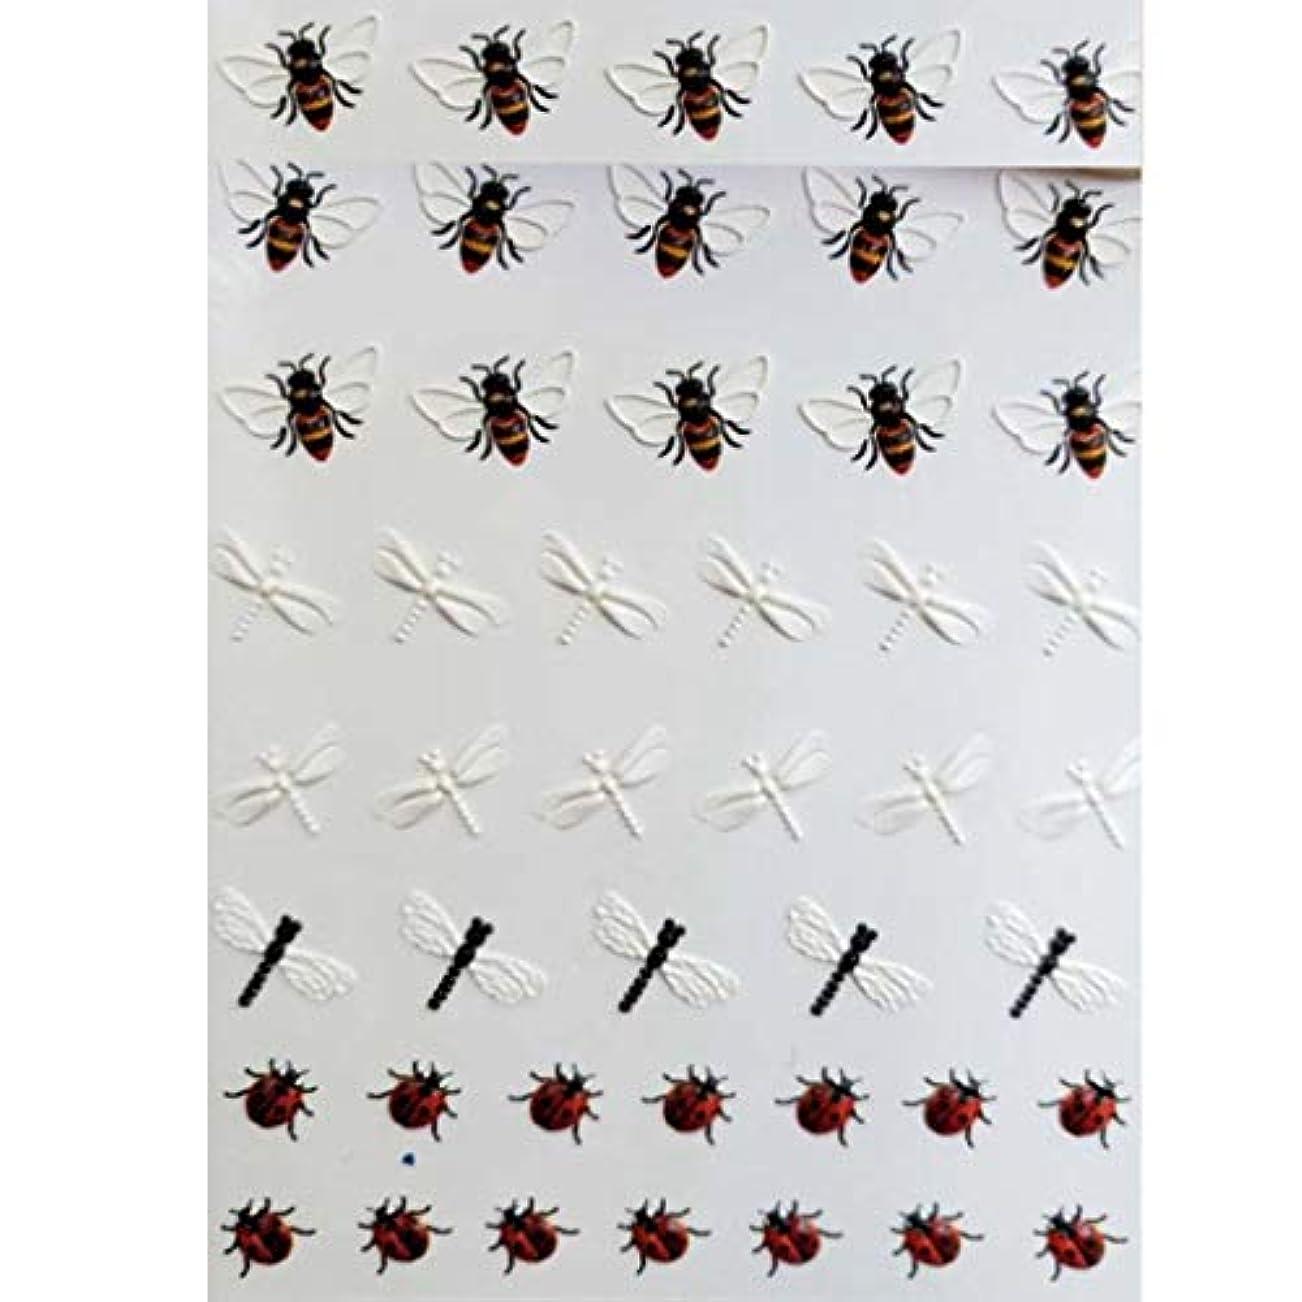 毛細血管長椅子本物Lazayyii 6d刻印 アクリル ネイル ステッカー ネイルステッカーエンボスフラワーウォーター (B)